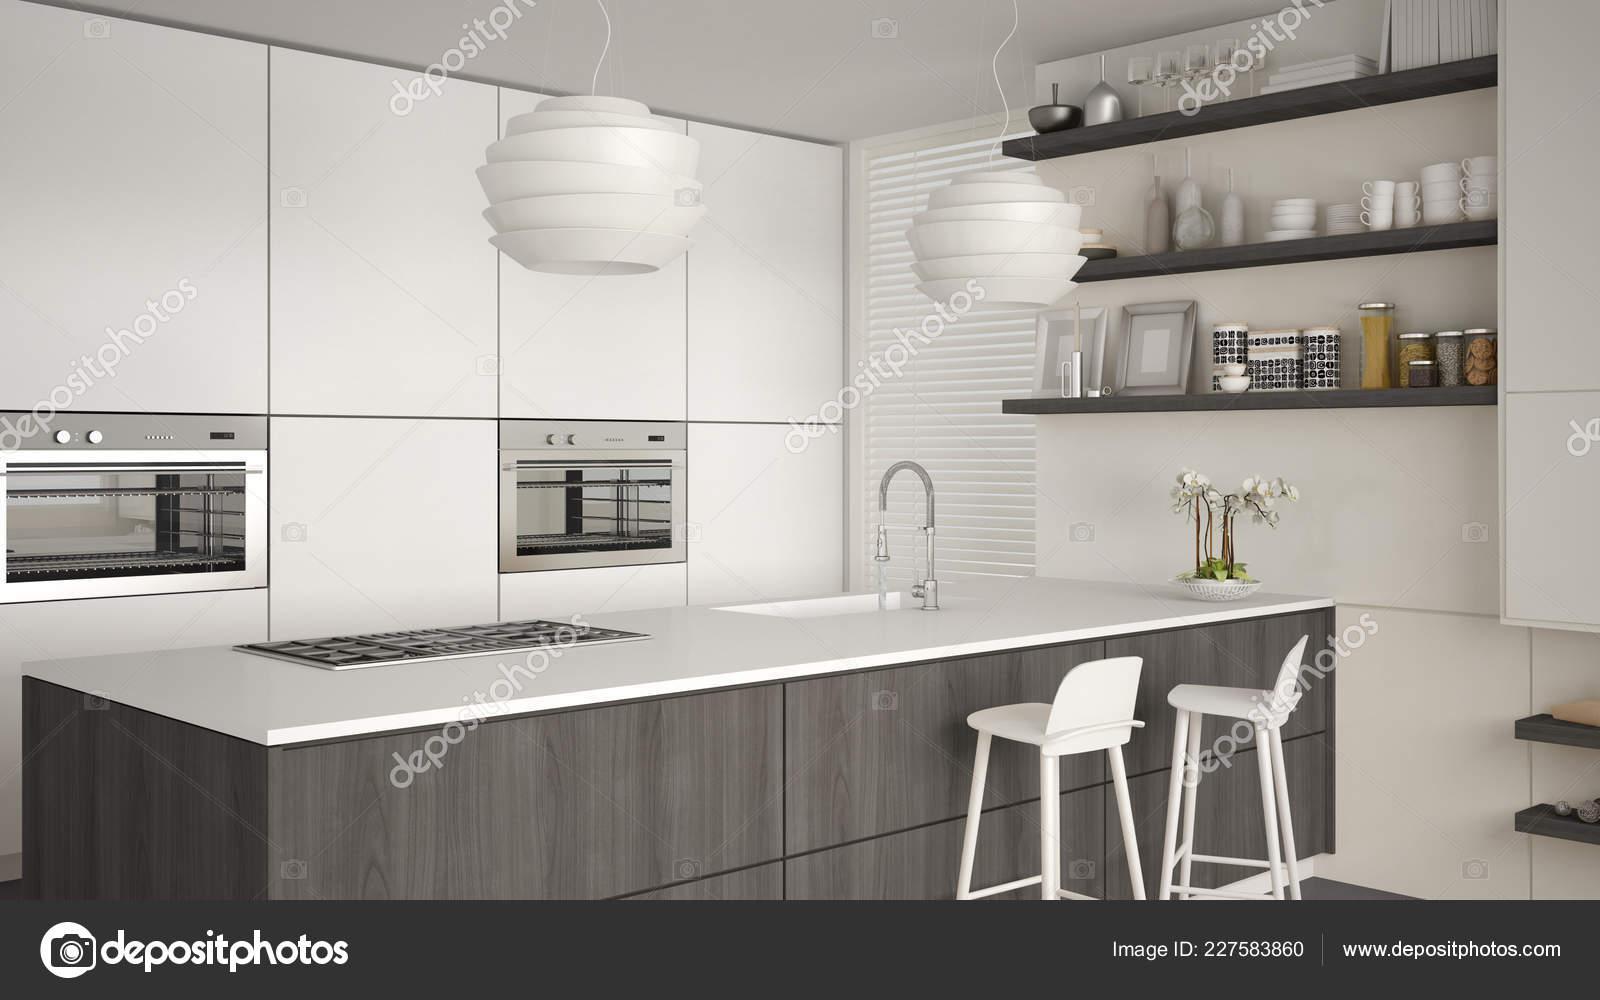 Mensole Cucina Moderna.Bianco Grigio Legno Cucina Moderna Con Mensole Contenitori